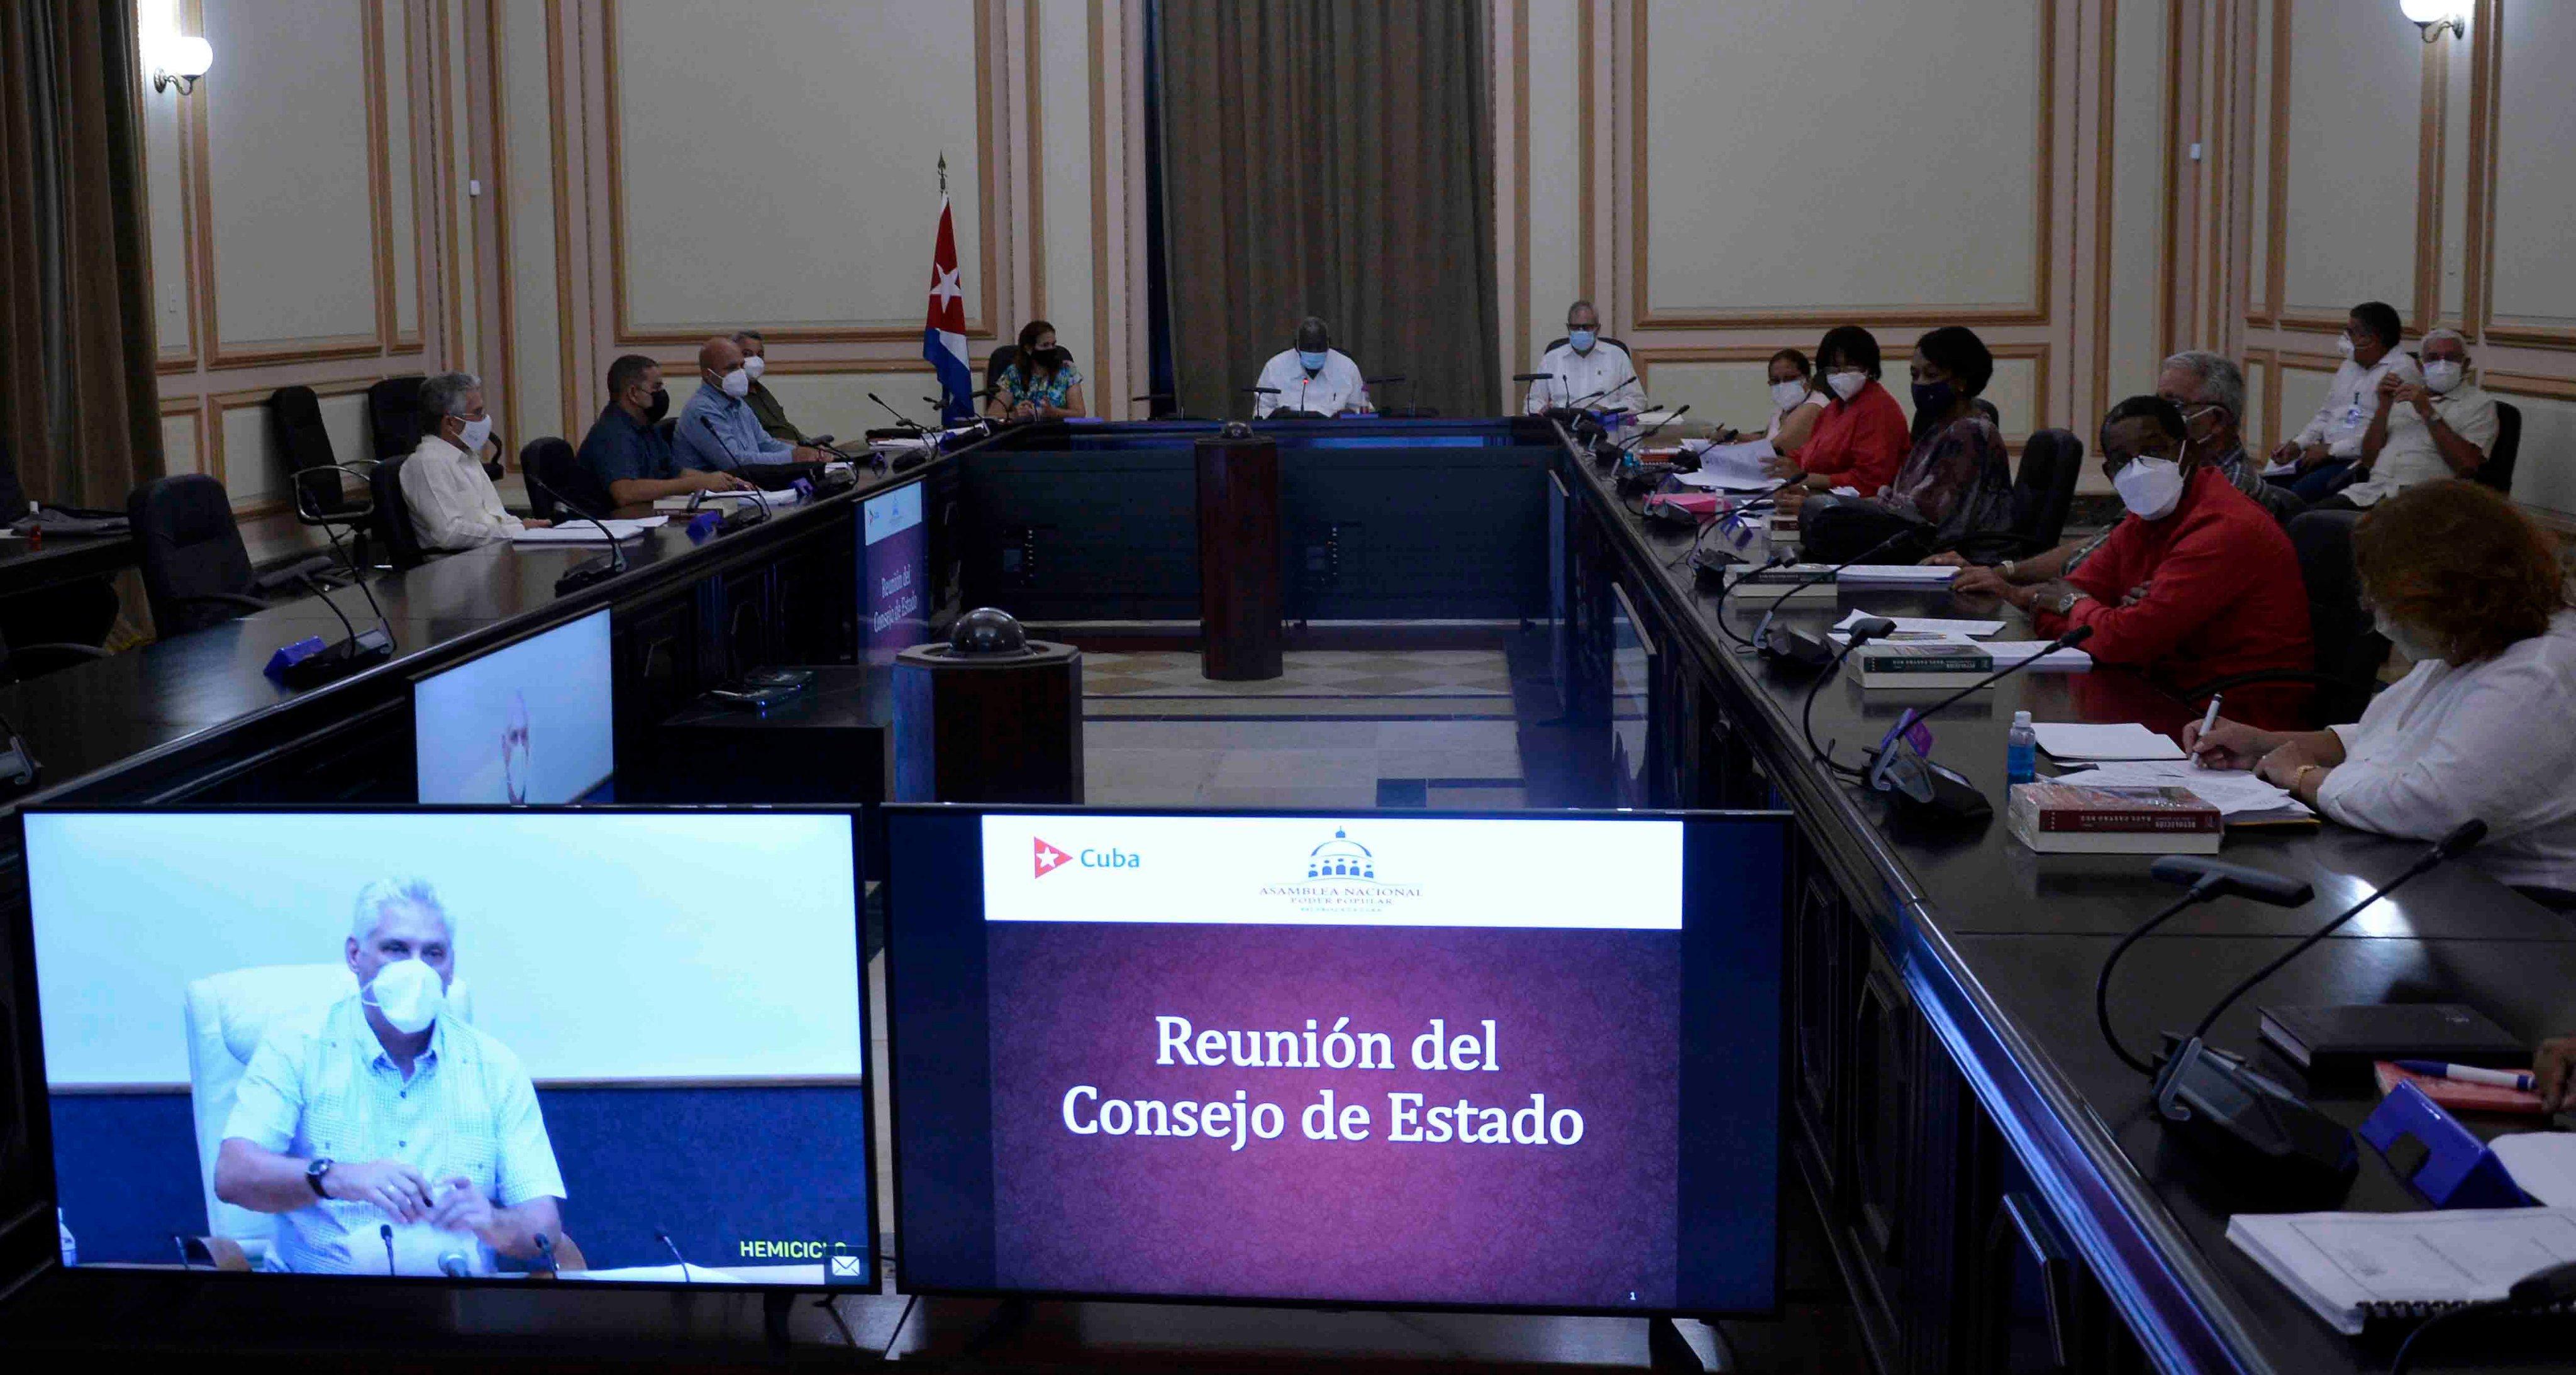 Aprueba el Consejo de Estado nuevos decretos-leyes para el fortalecimiento del modelo económico-social cubano